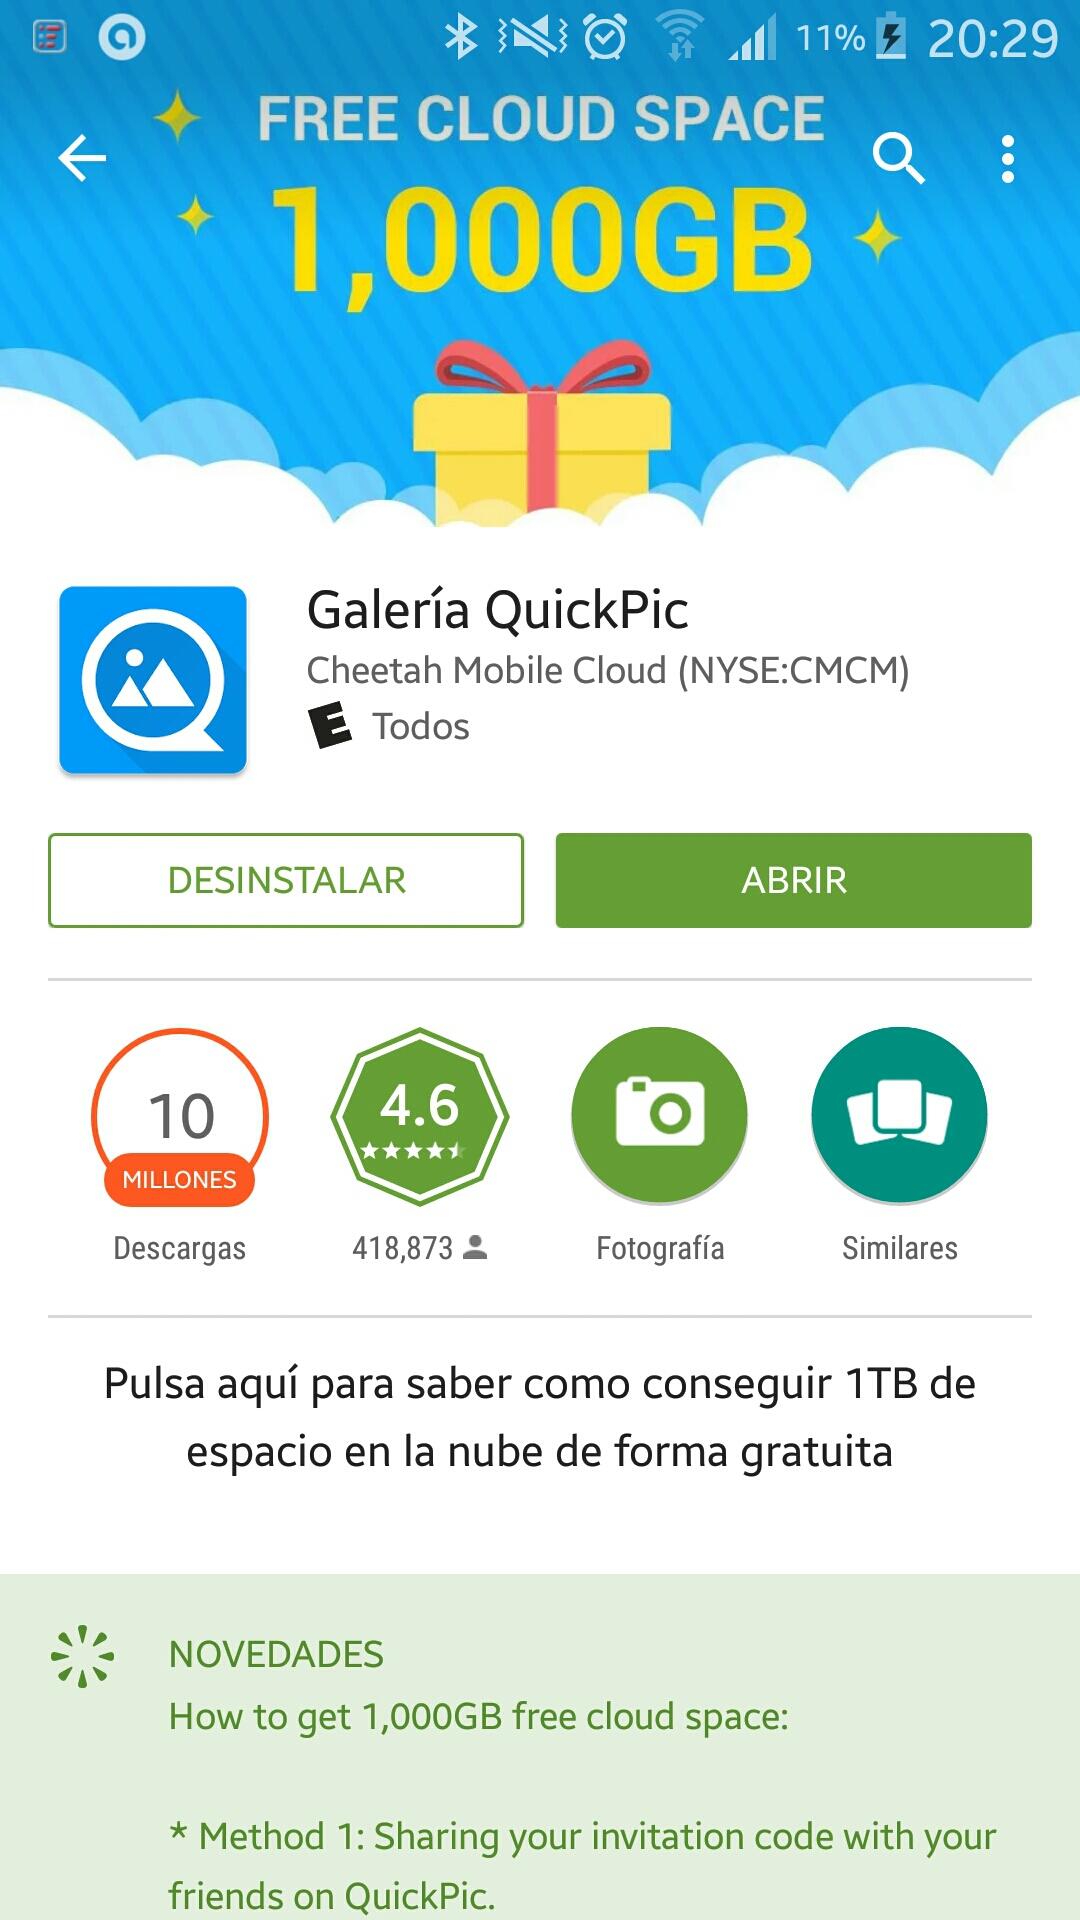 Galería Quick Pic hasta 5 TB de almacenamiento gratis